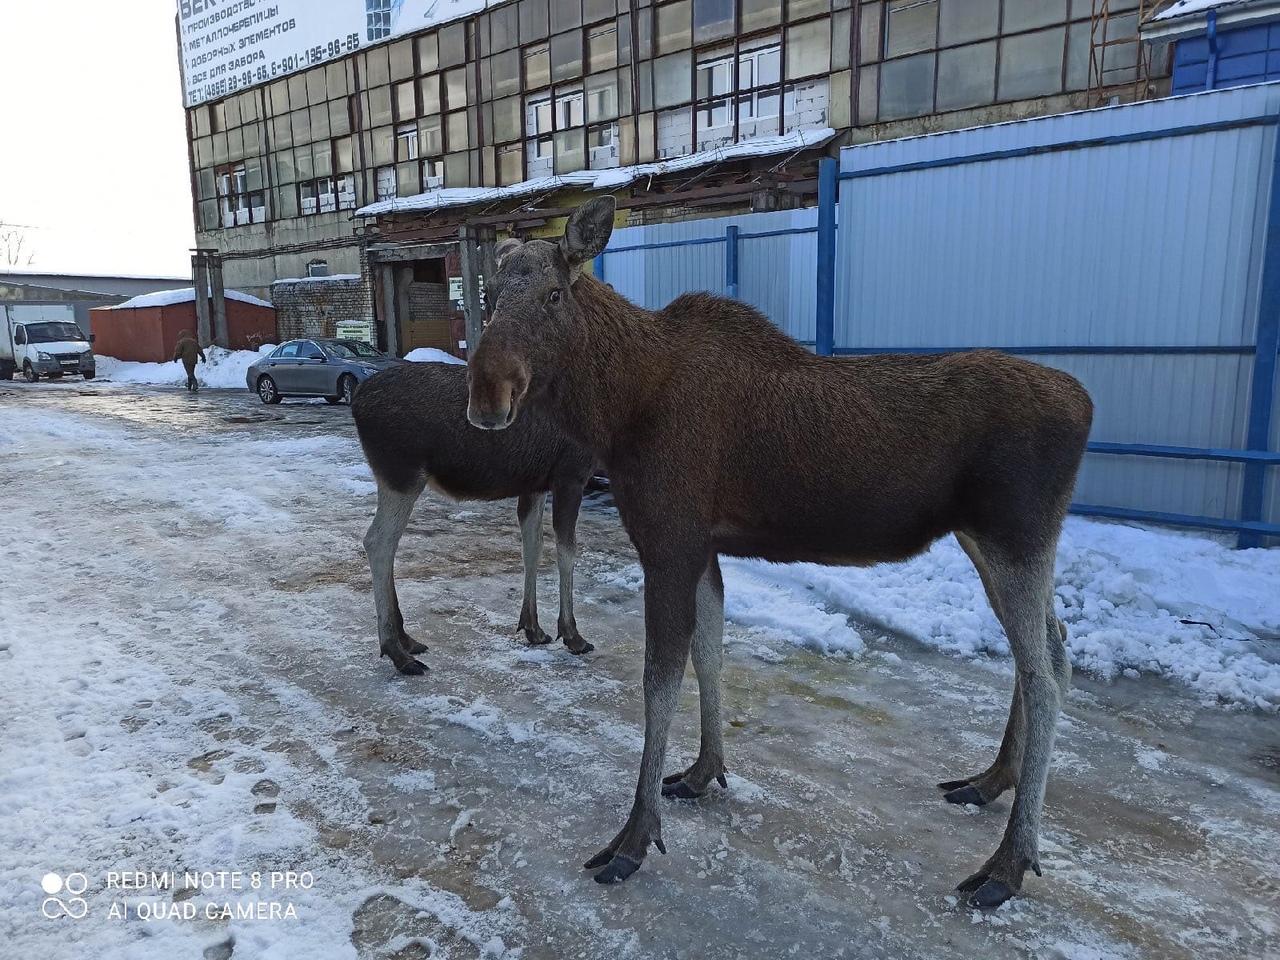 В Рыбинске пара лосей прогулялась по заснеженной набережной